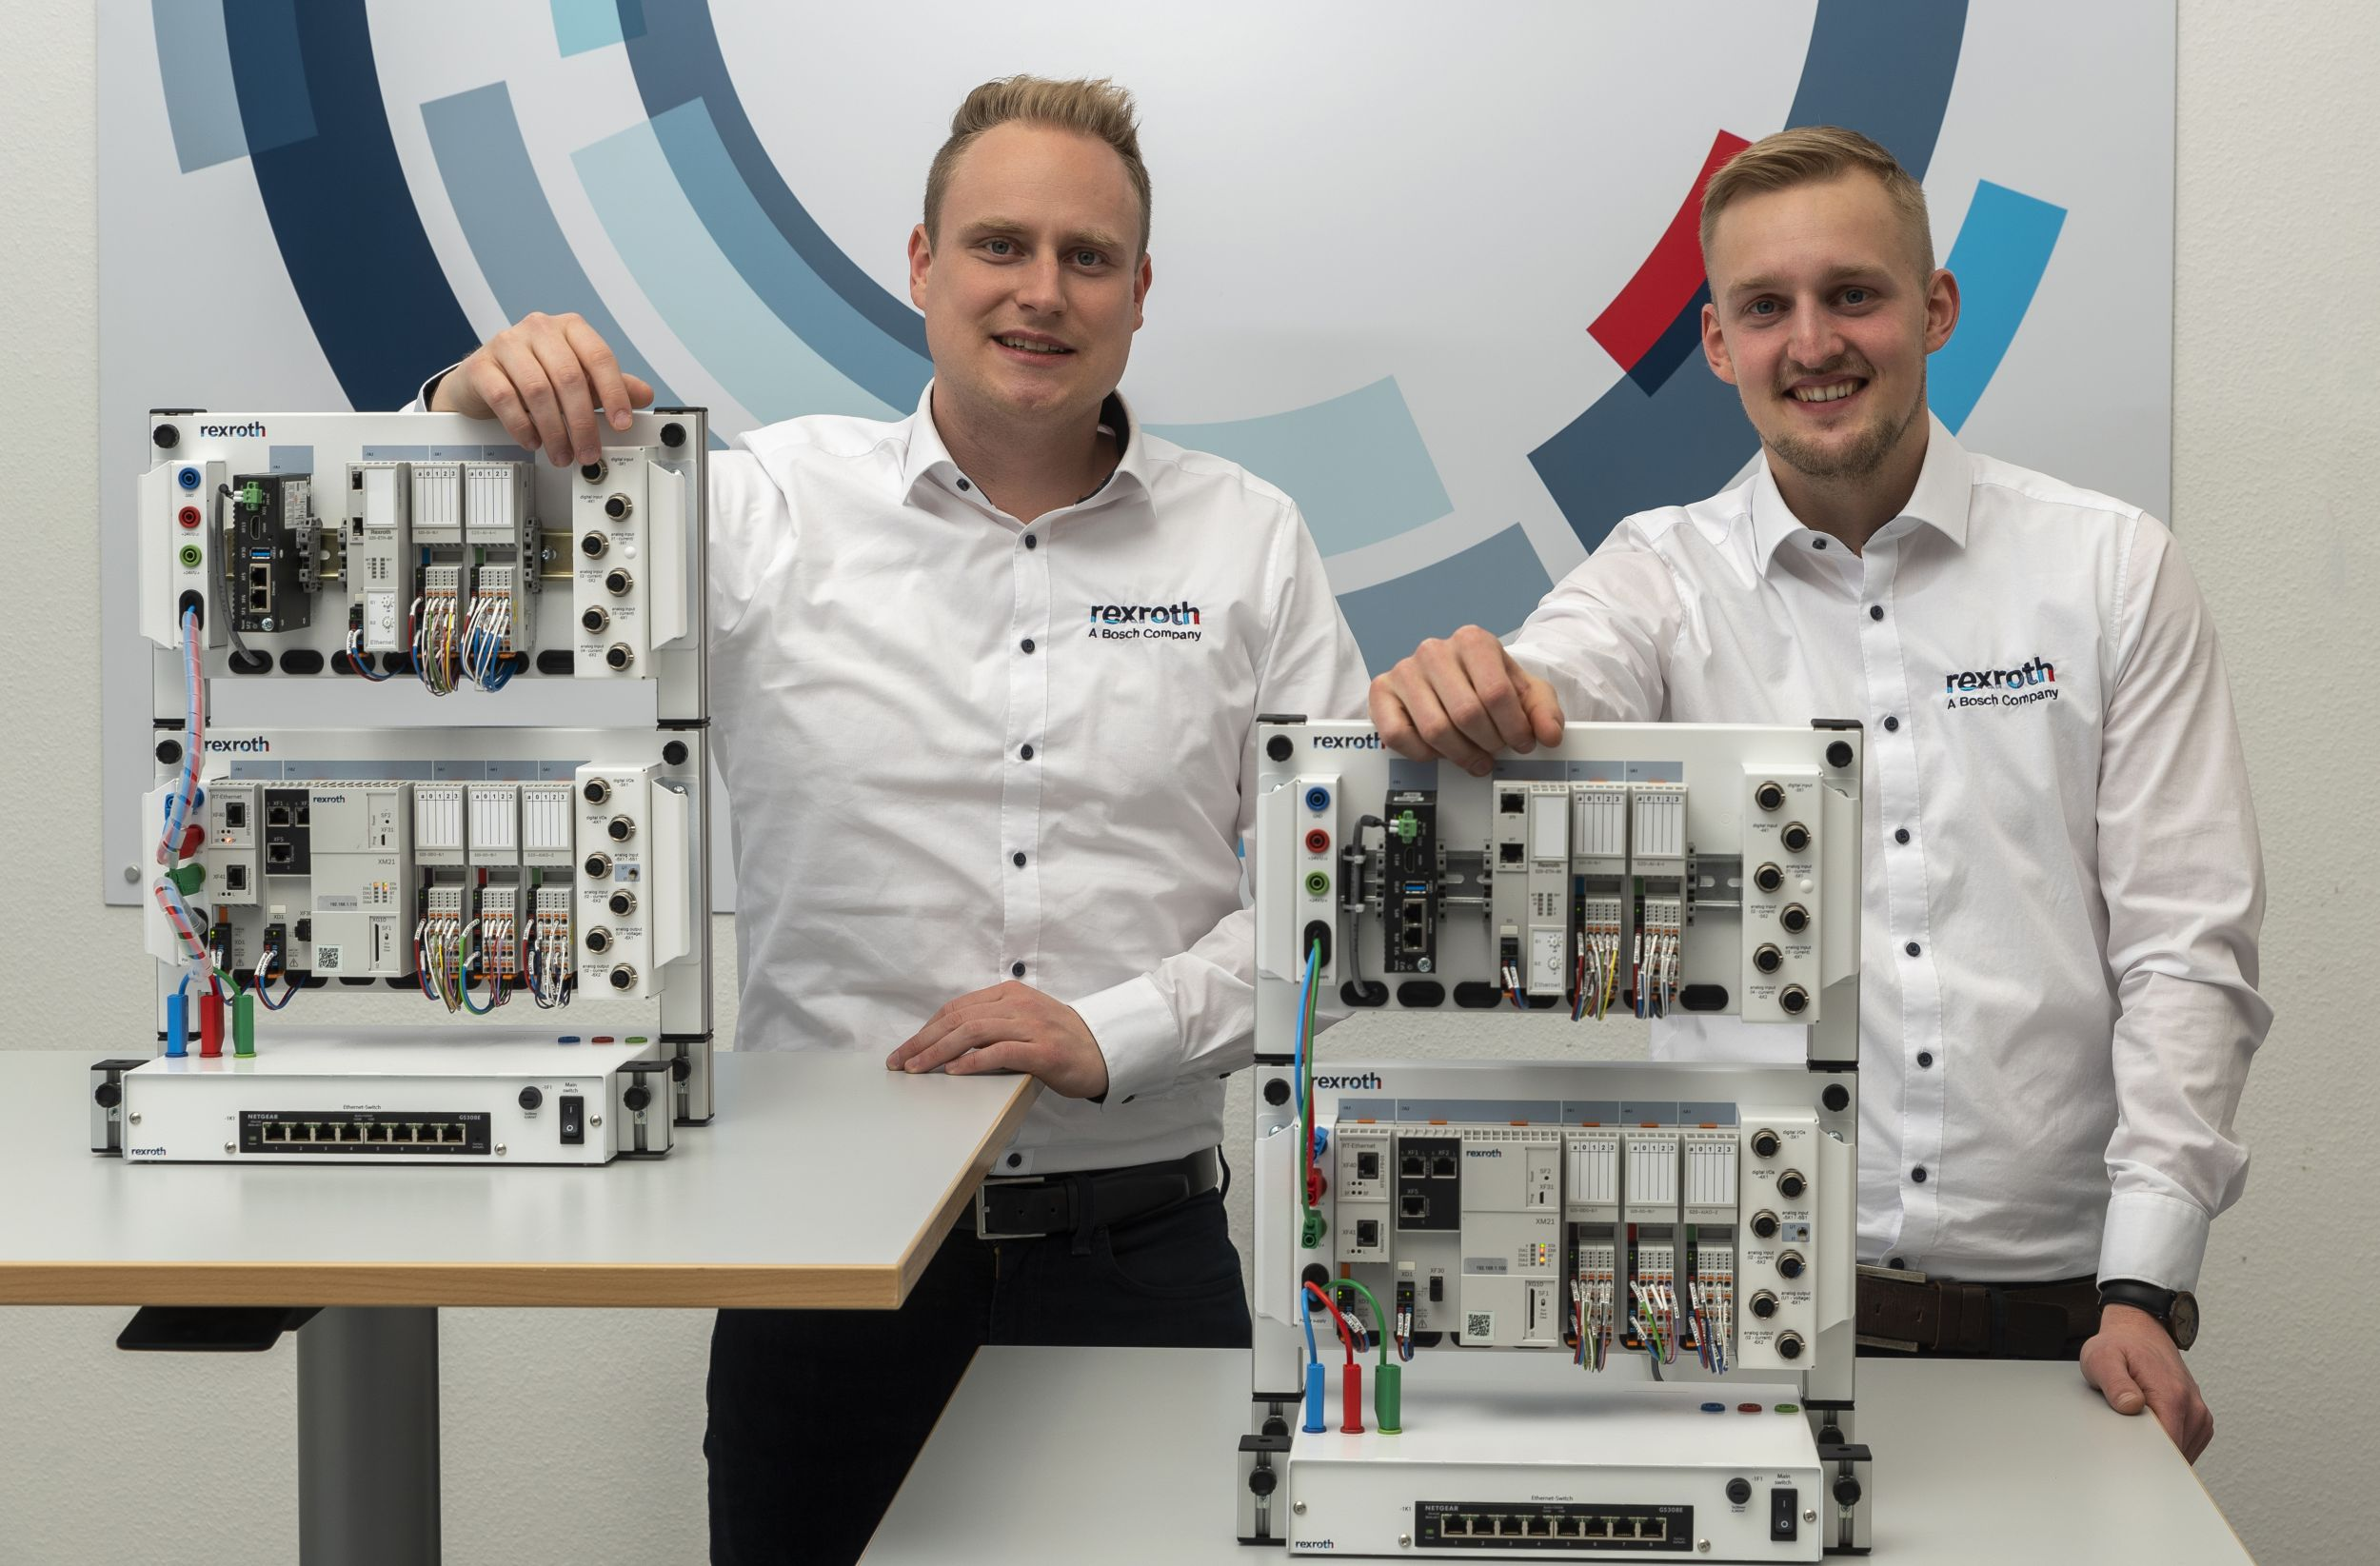 Kompaktes Trainingssystem für die vernetzte Fabrik der Zukunft